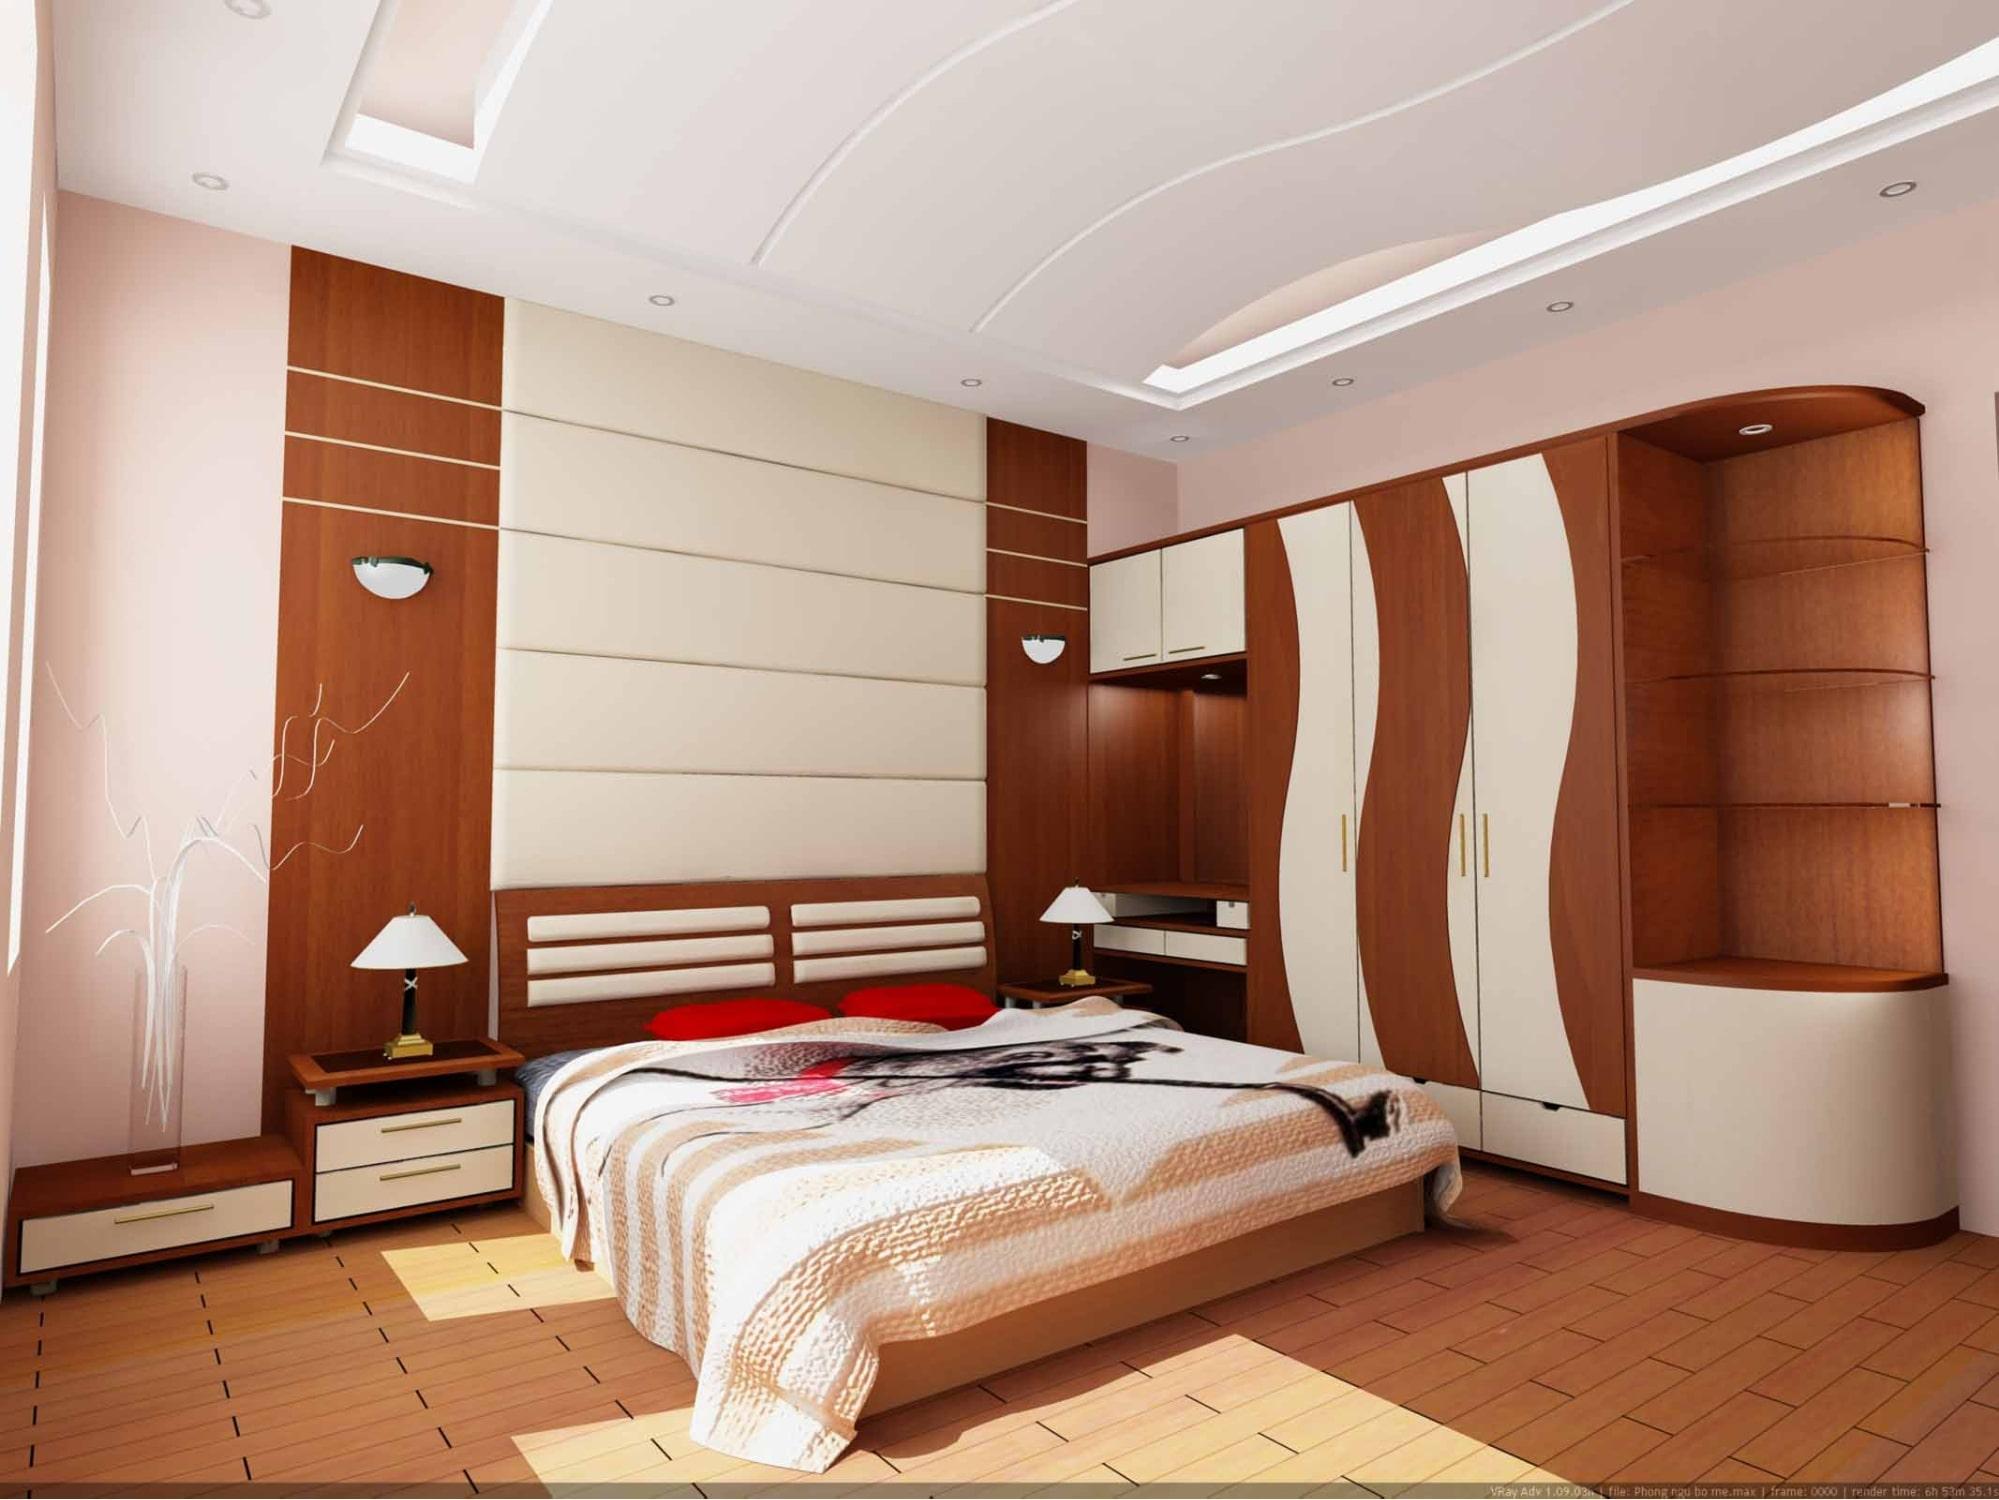 mẫu thiết kế nội thất khách sạn ấn tượng